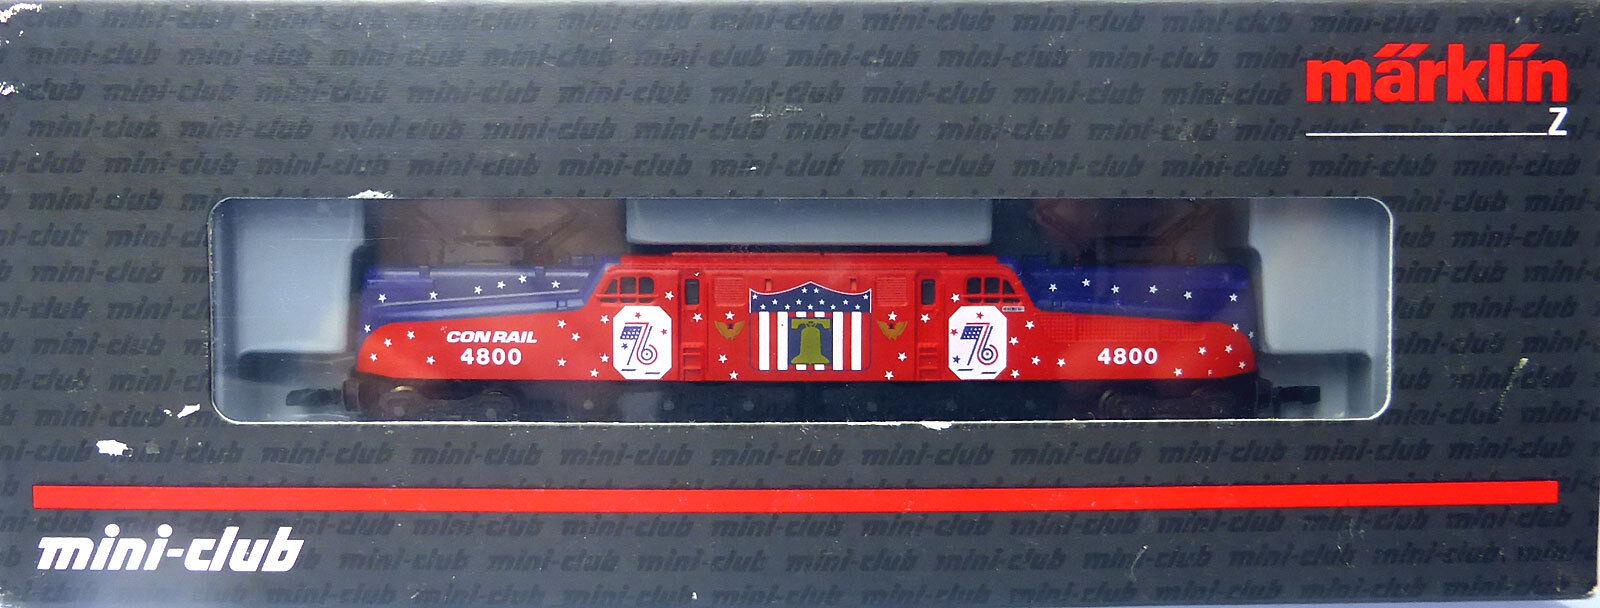 Z miniclub 88491; ELLOK gg-1 Conrail  Stars and Stripes  in scatola originale/f913